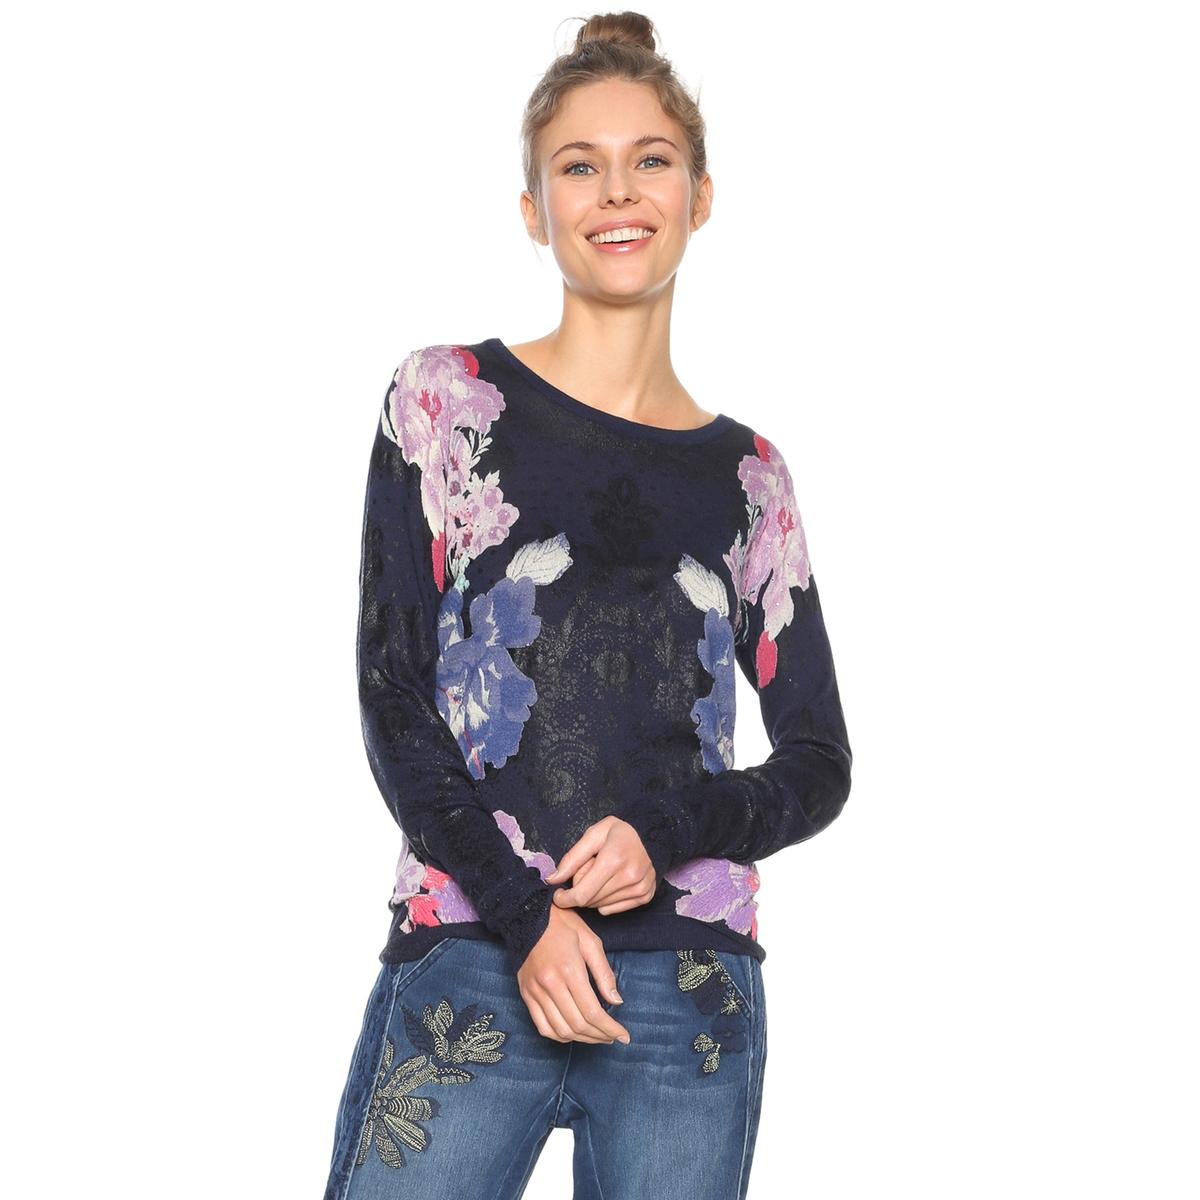 Пуловер из тонкого трикотажа, с круглым вырезом и цветочным принтом пуловер с круглым вырезом из хлопка и льна